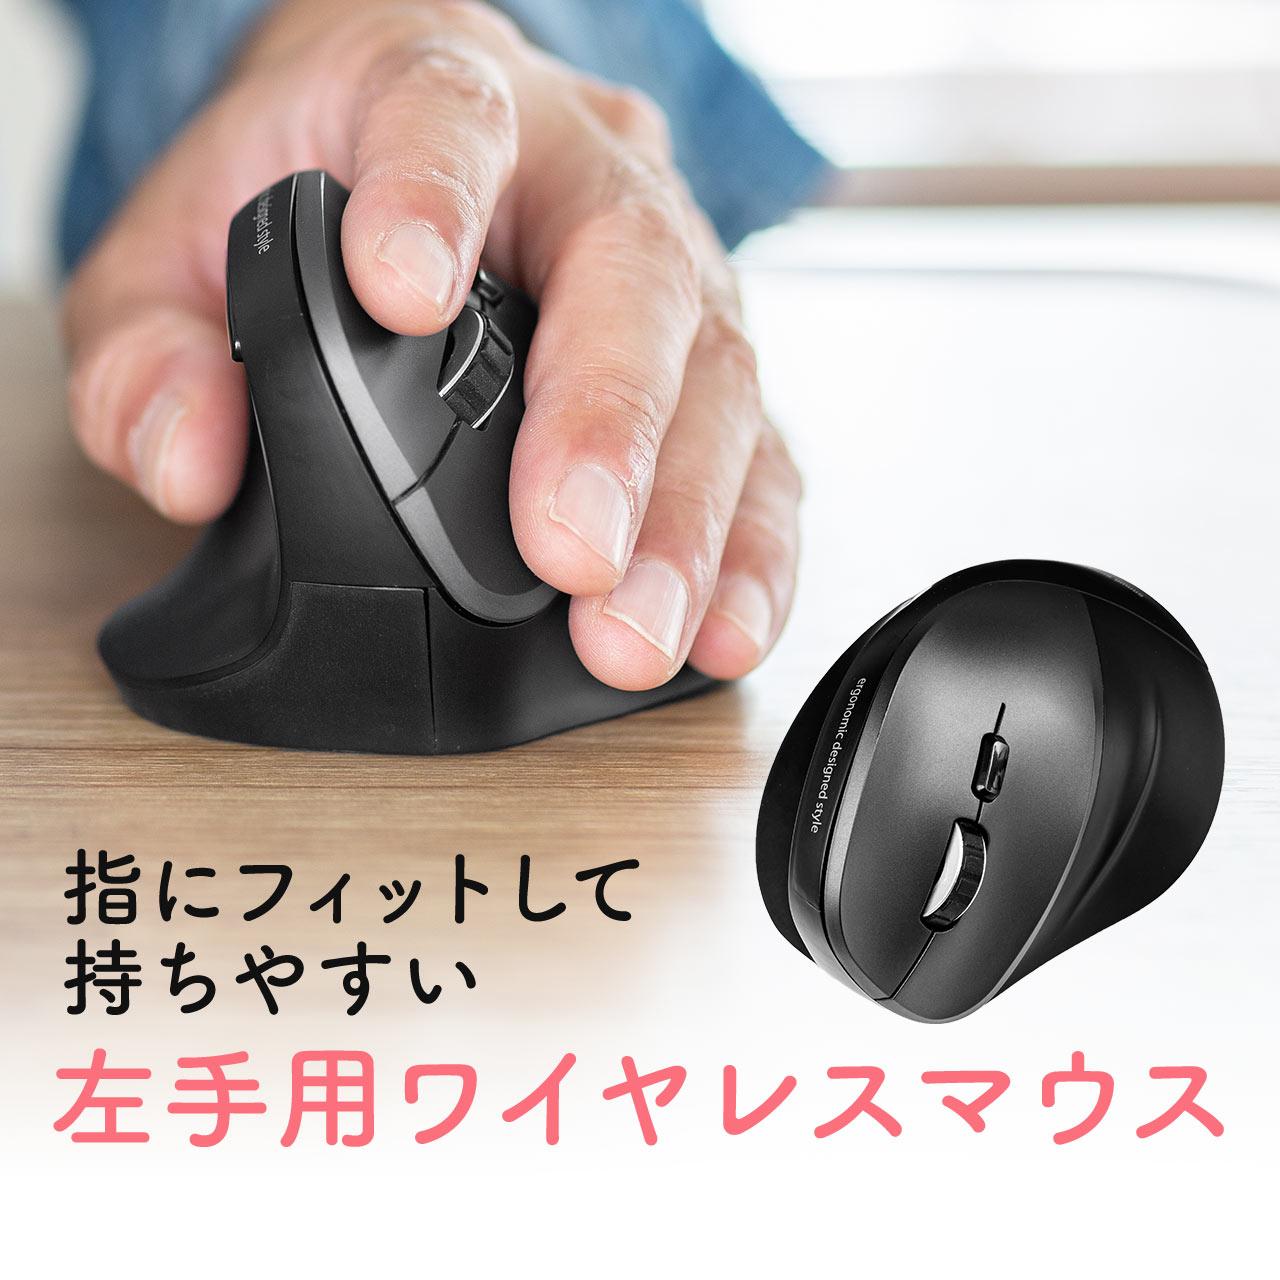 400-MAW174 サンワダイレクト限定品 送料無料 左利きマウス ワイヤレスマウス 5ボタン エルゴマウス 左手マウス 現金特価 カウント切り替え 海外輸入 左利き用